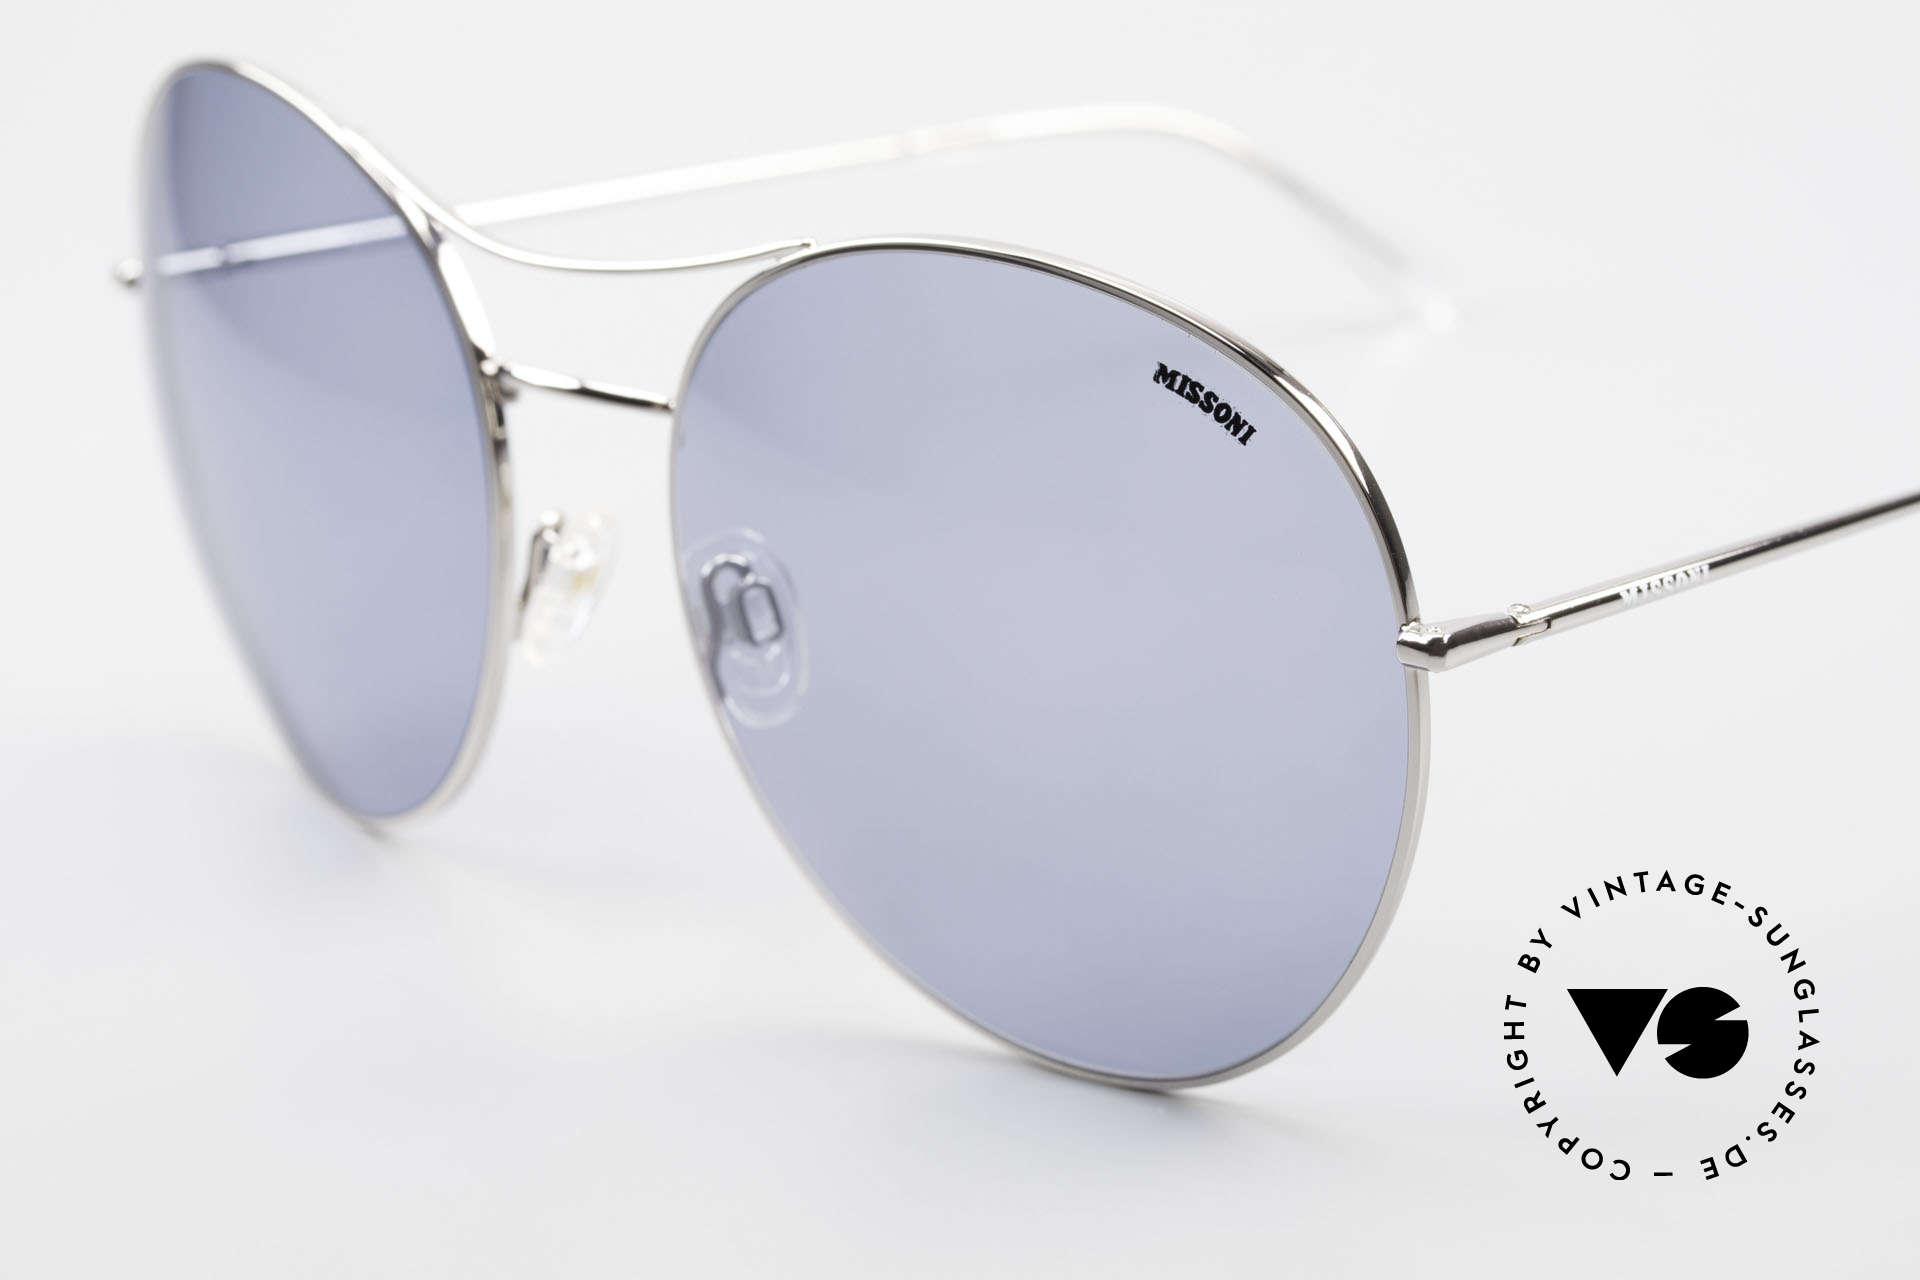 Missoni 0440 Huge XXL Aviator Sunglasses, navy blue sun lenses (100% UV) with MISSONI logo, Made for Men and Women